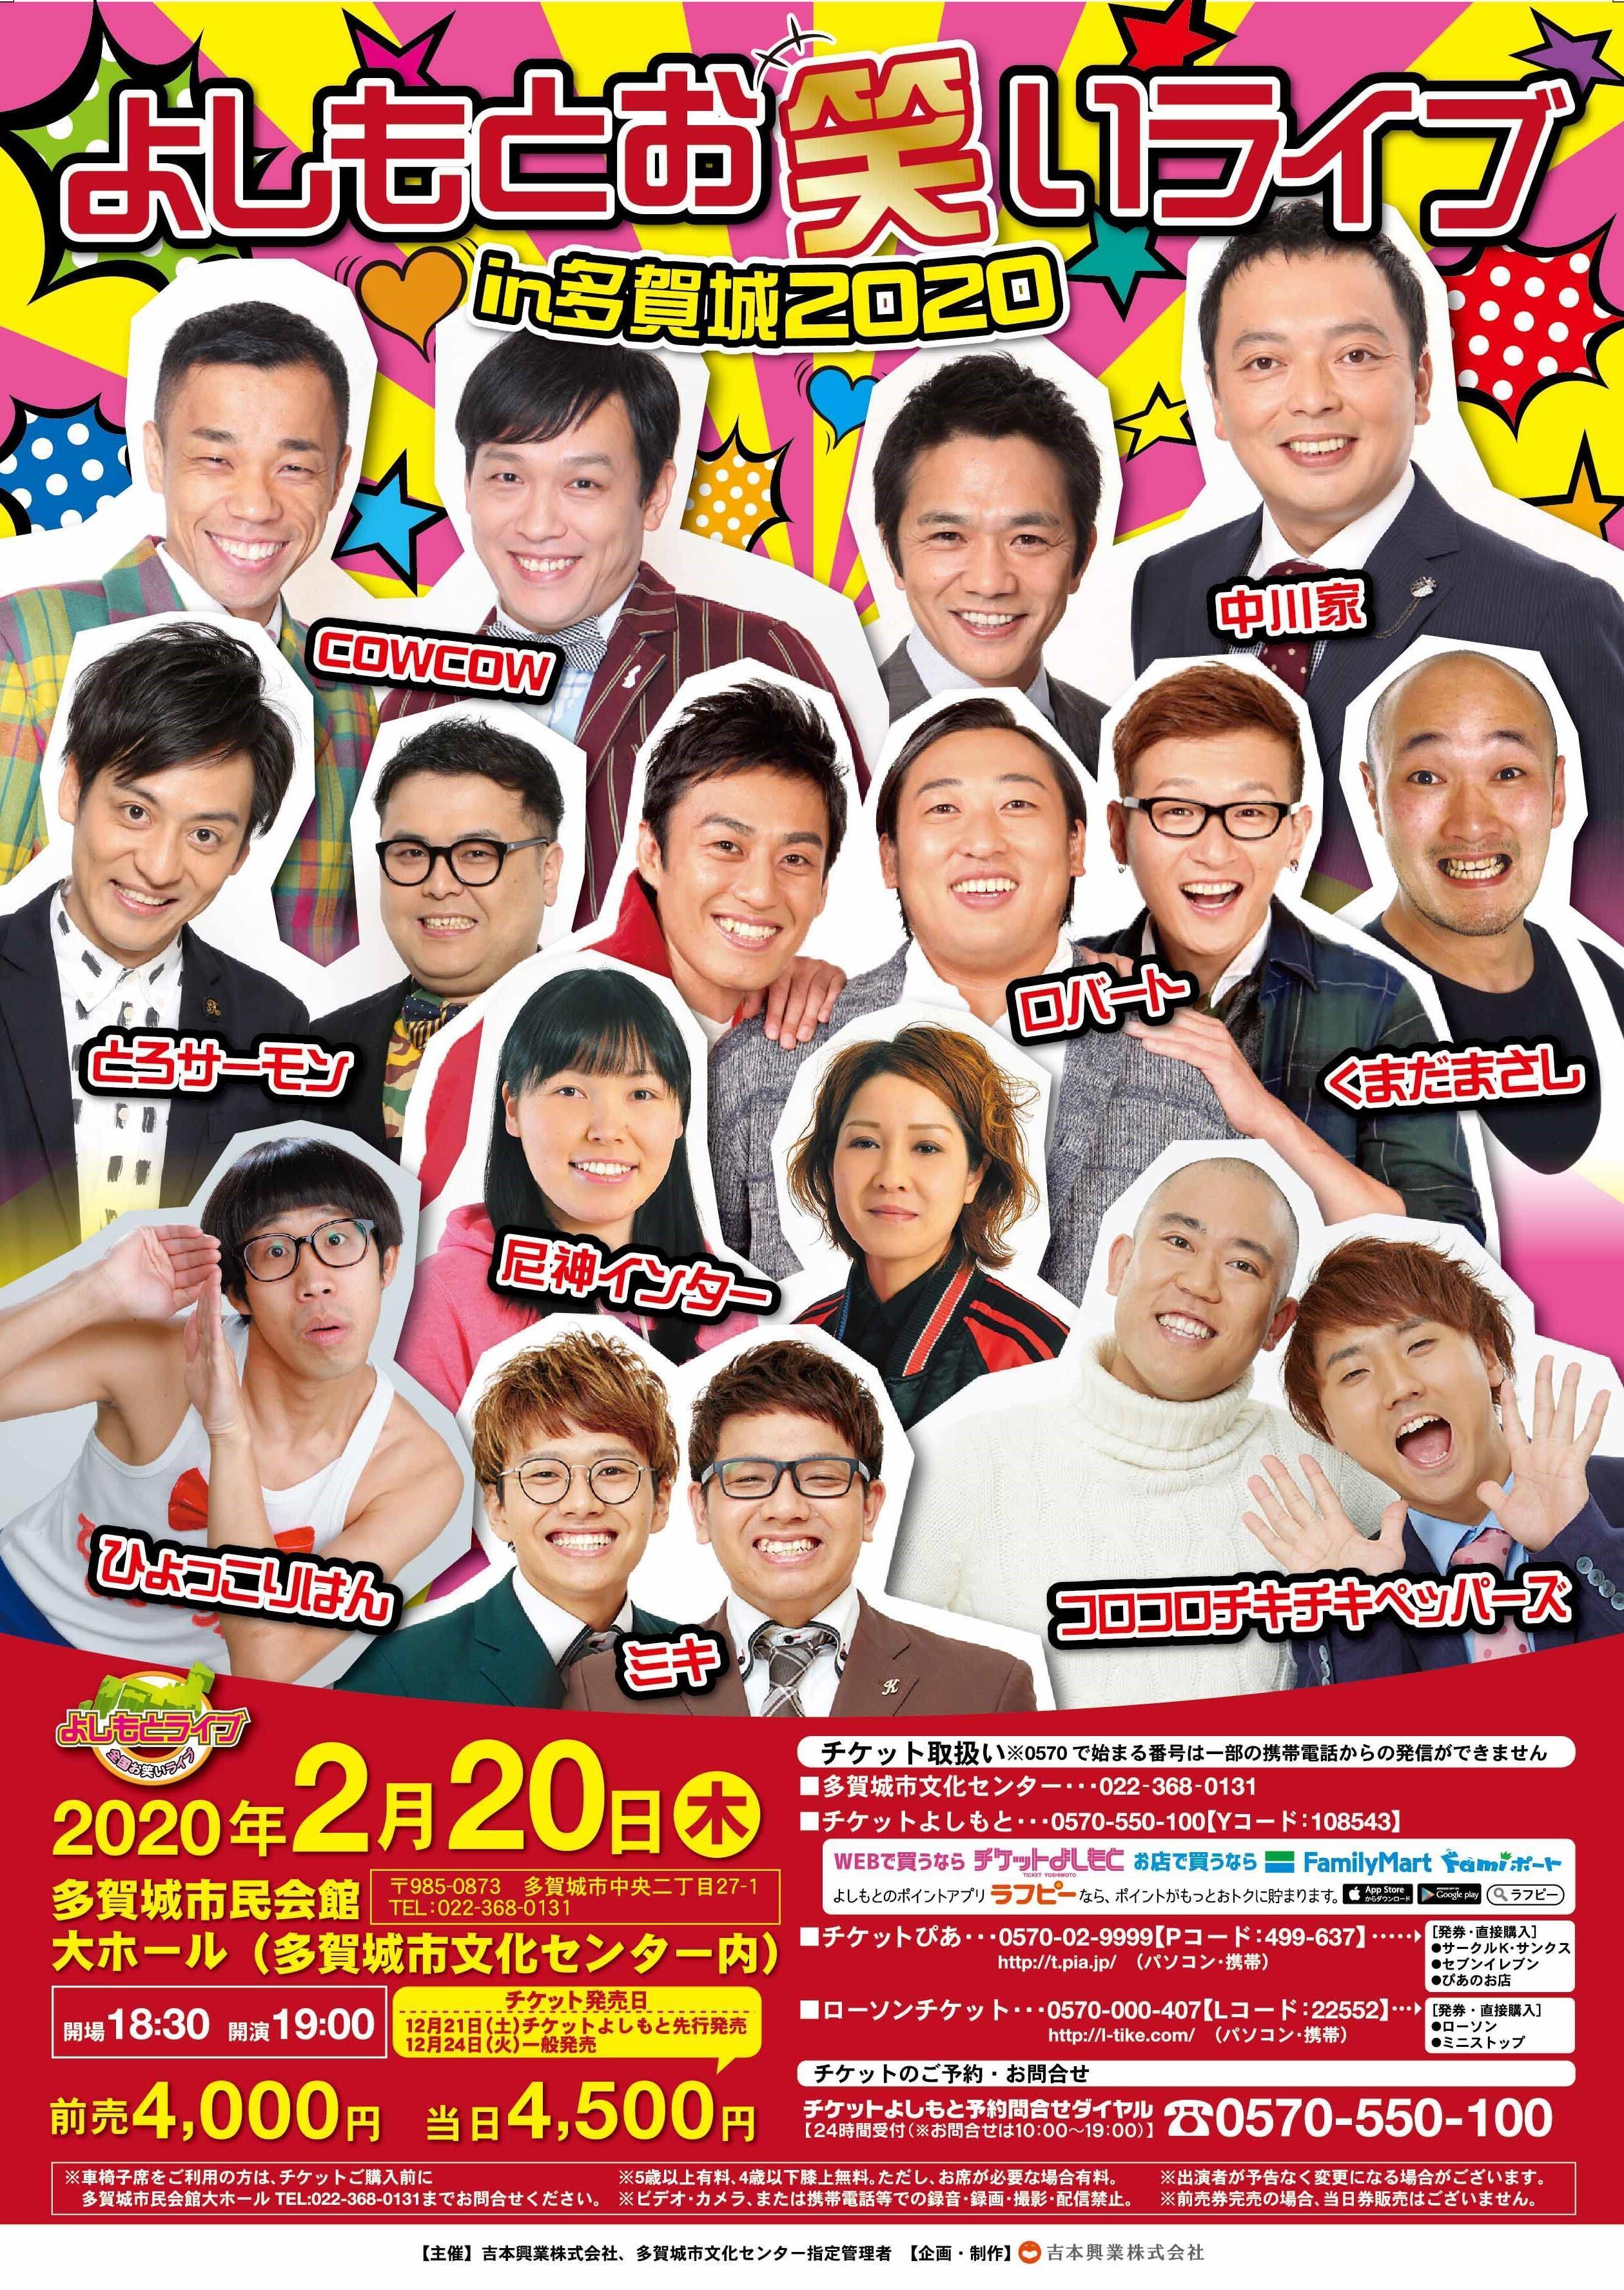 http://www.syumatsu.jp/20191221124939-b38b1e5de601468fedac4c8020ae8f60bf0192a2.jpg